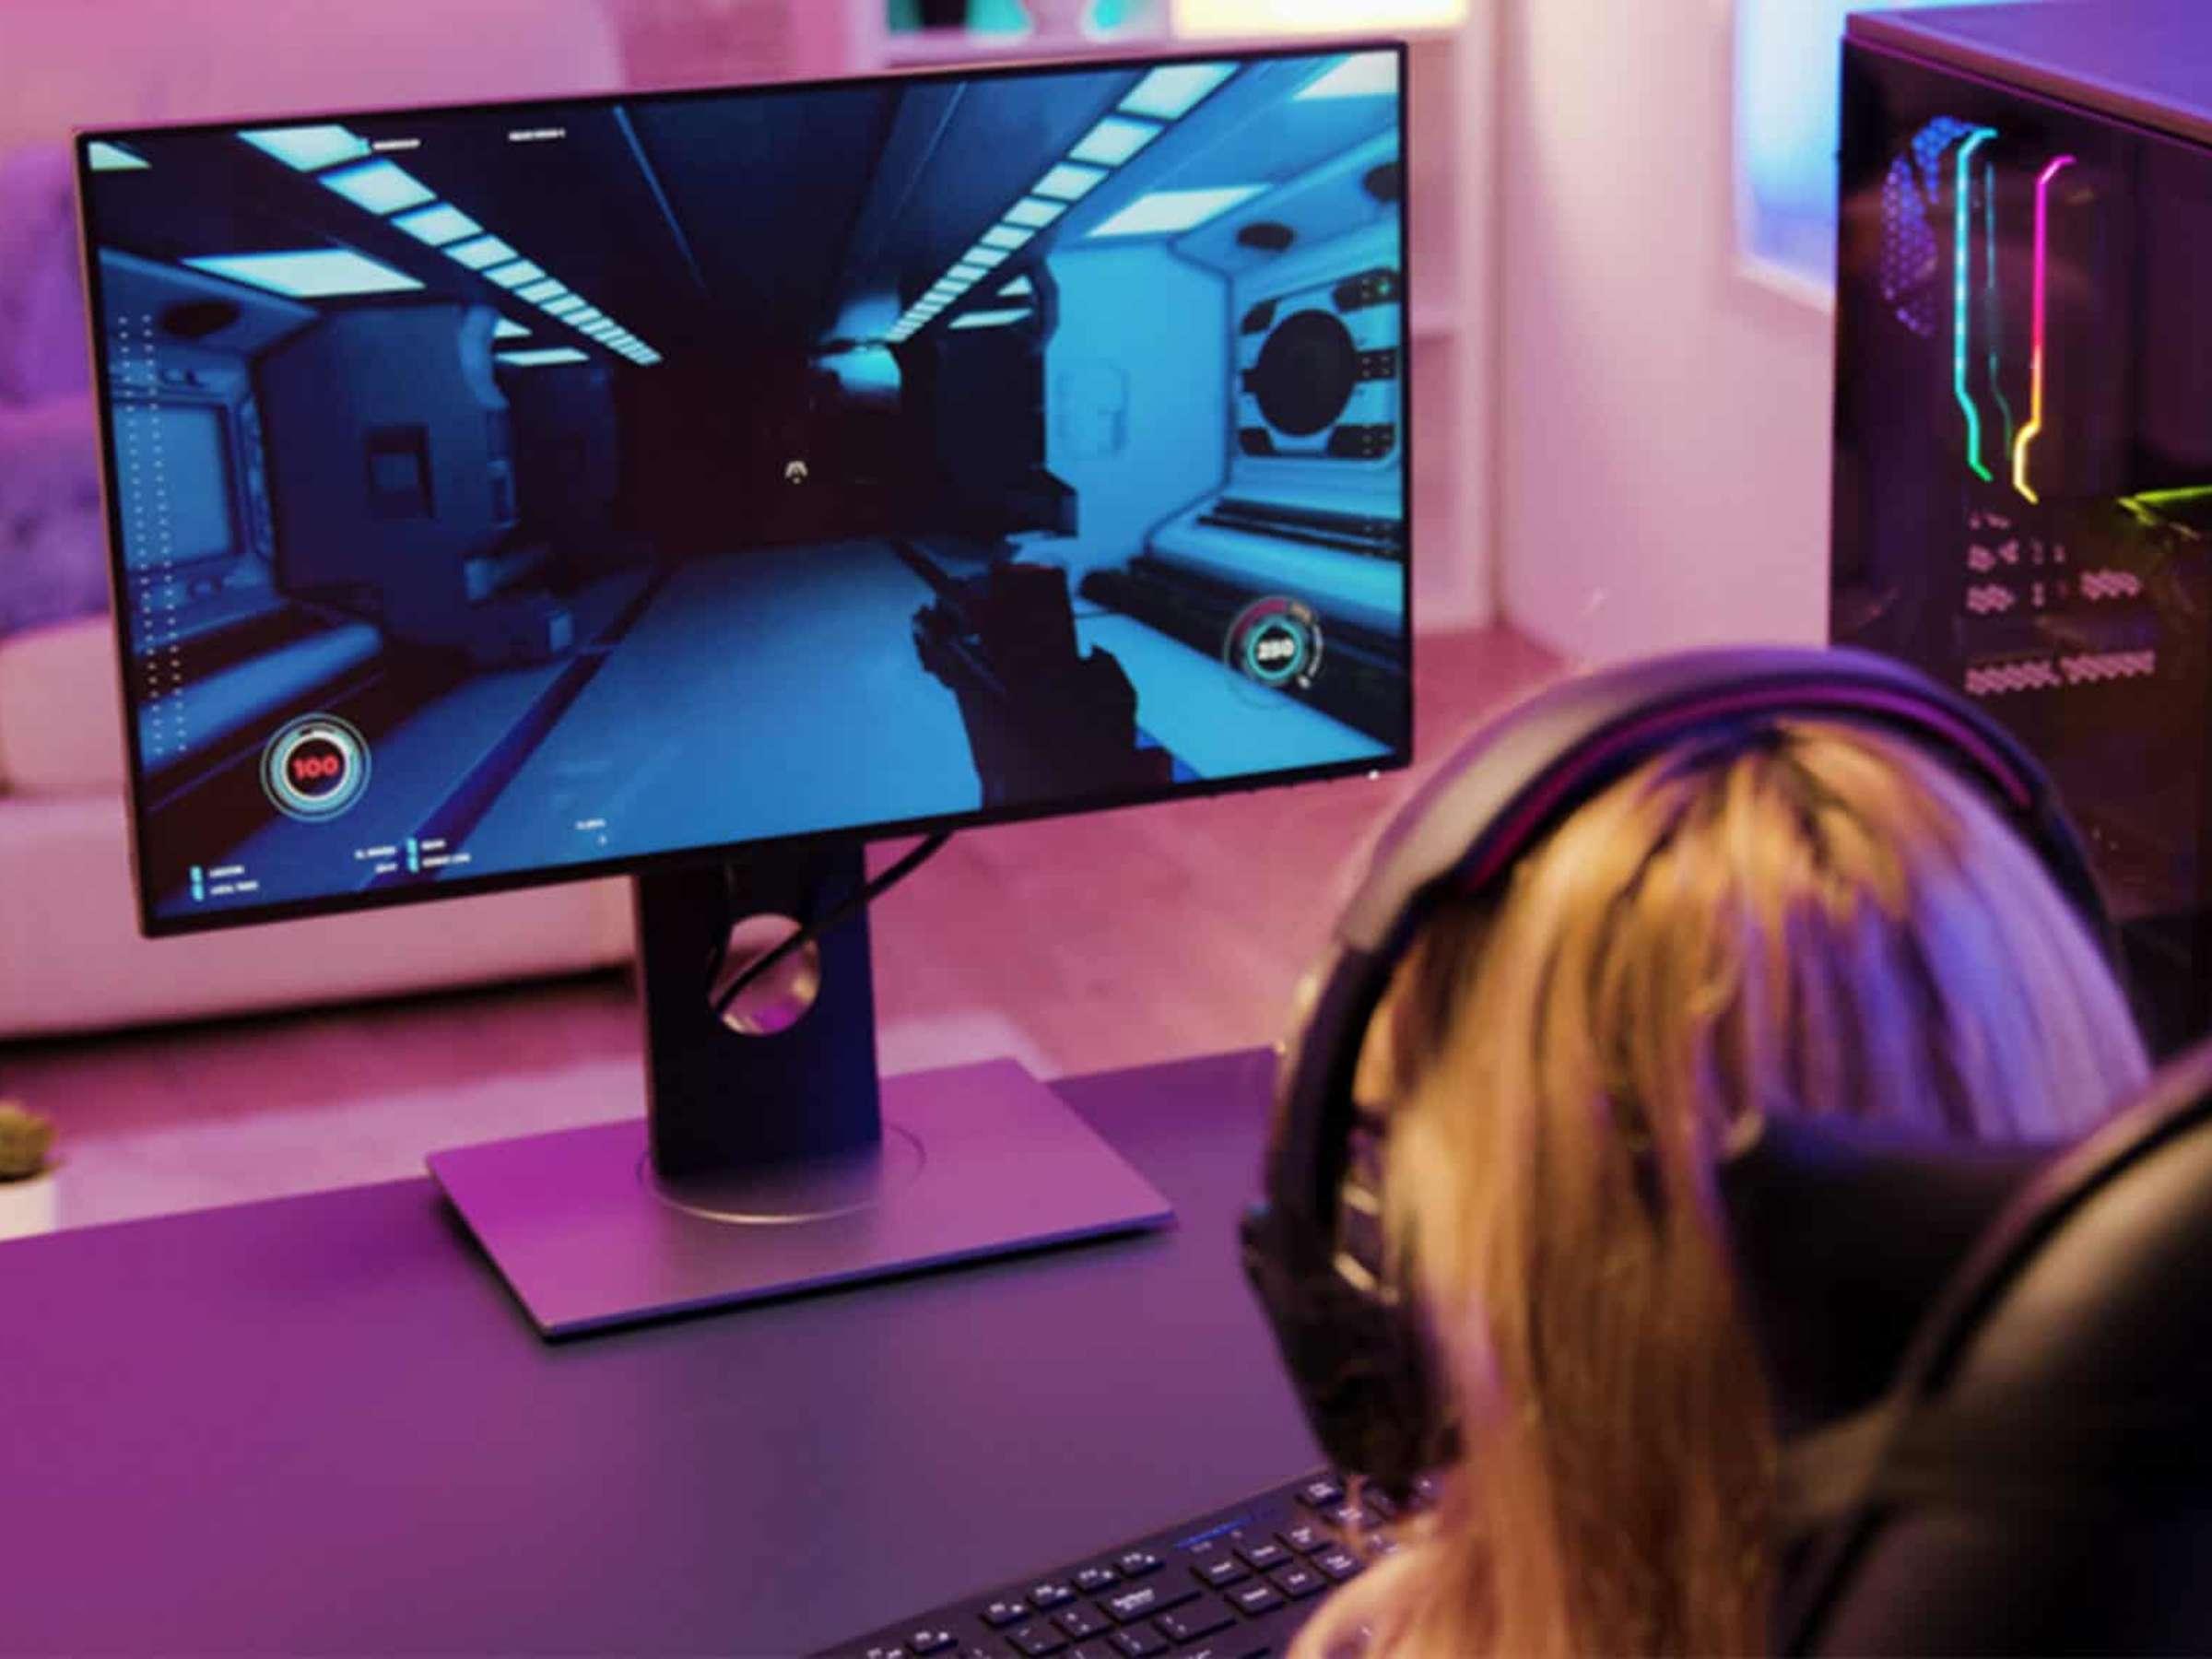 Gamer Pc Spiele - Er sucht Sie (Mann sucht Frau - Markt